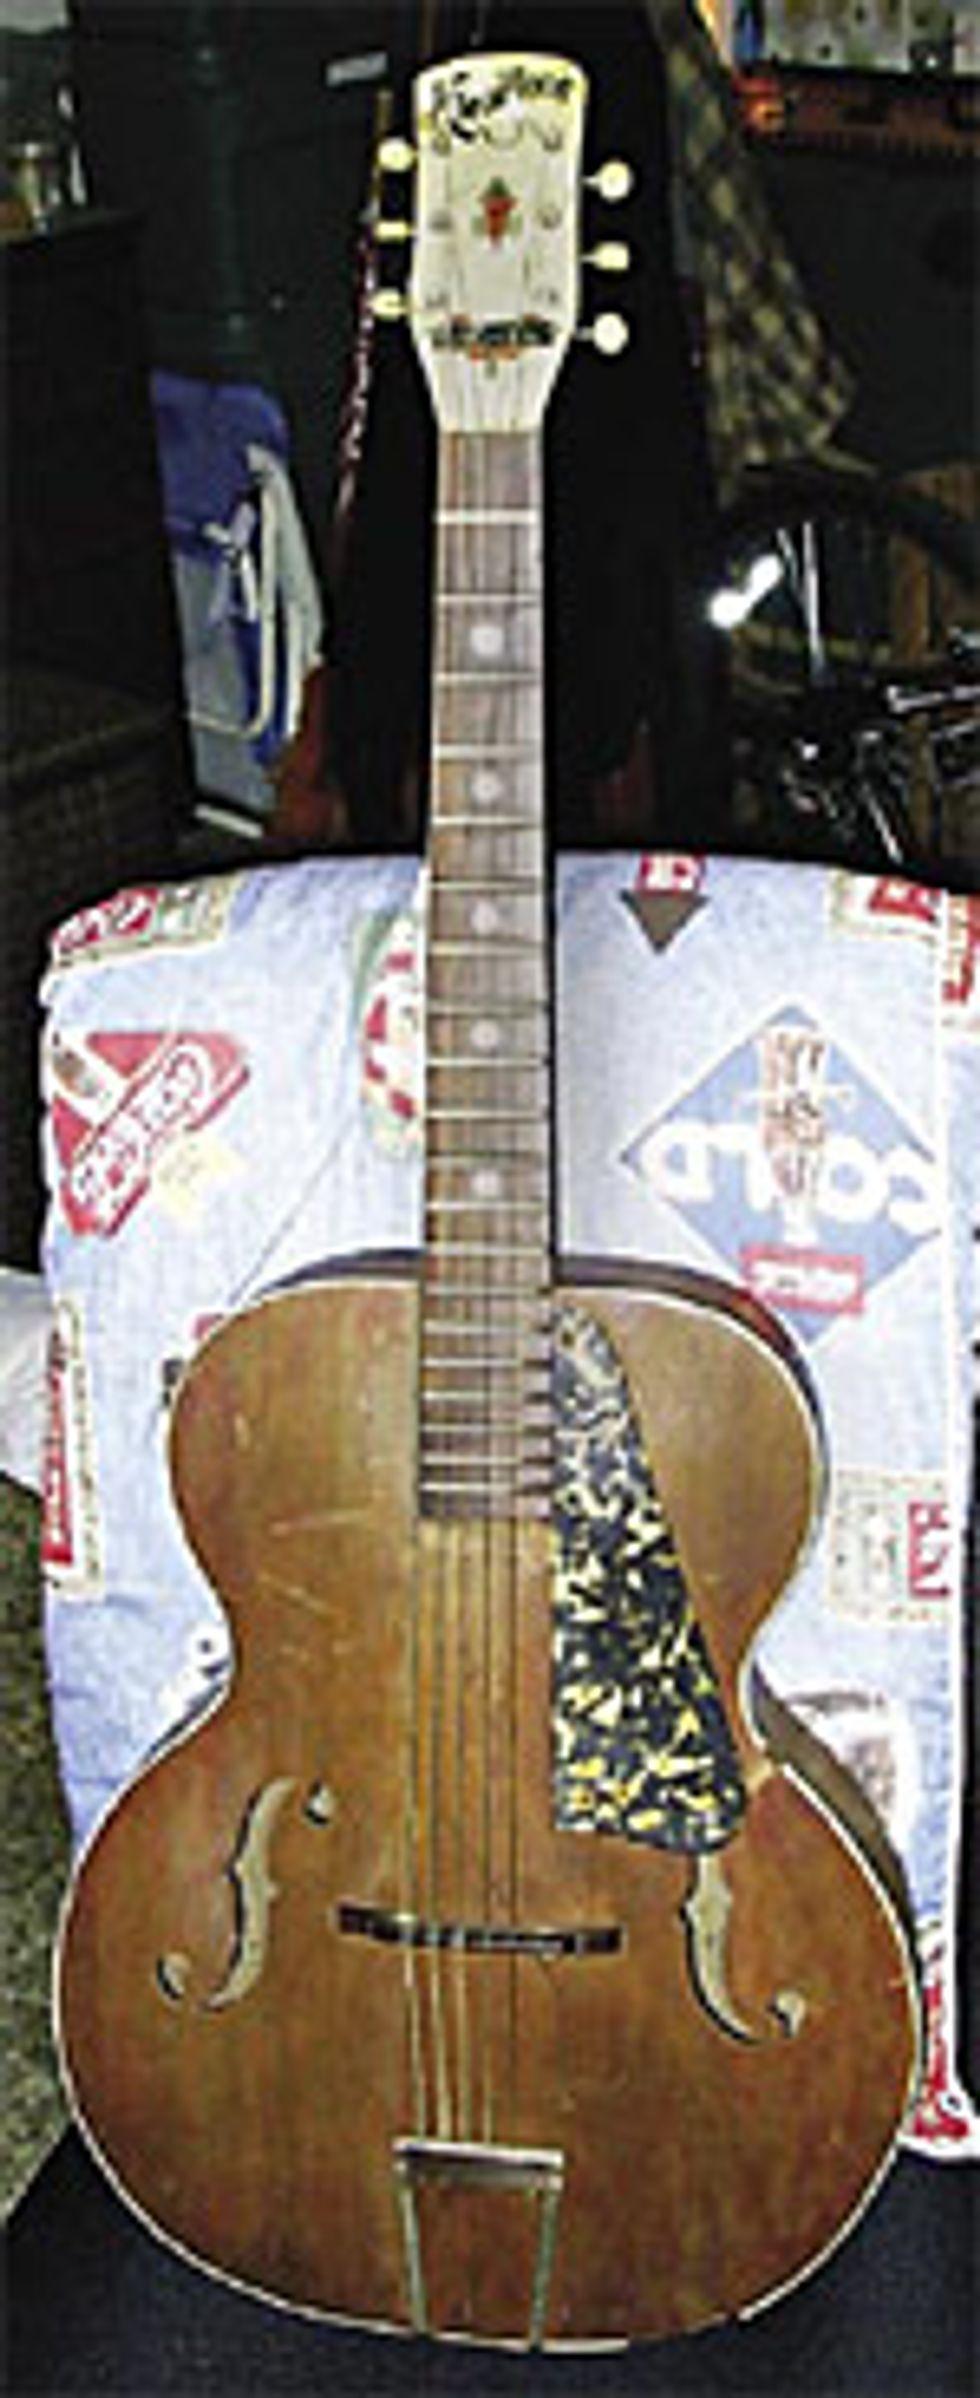 Guitar Trash or Treasure